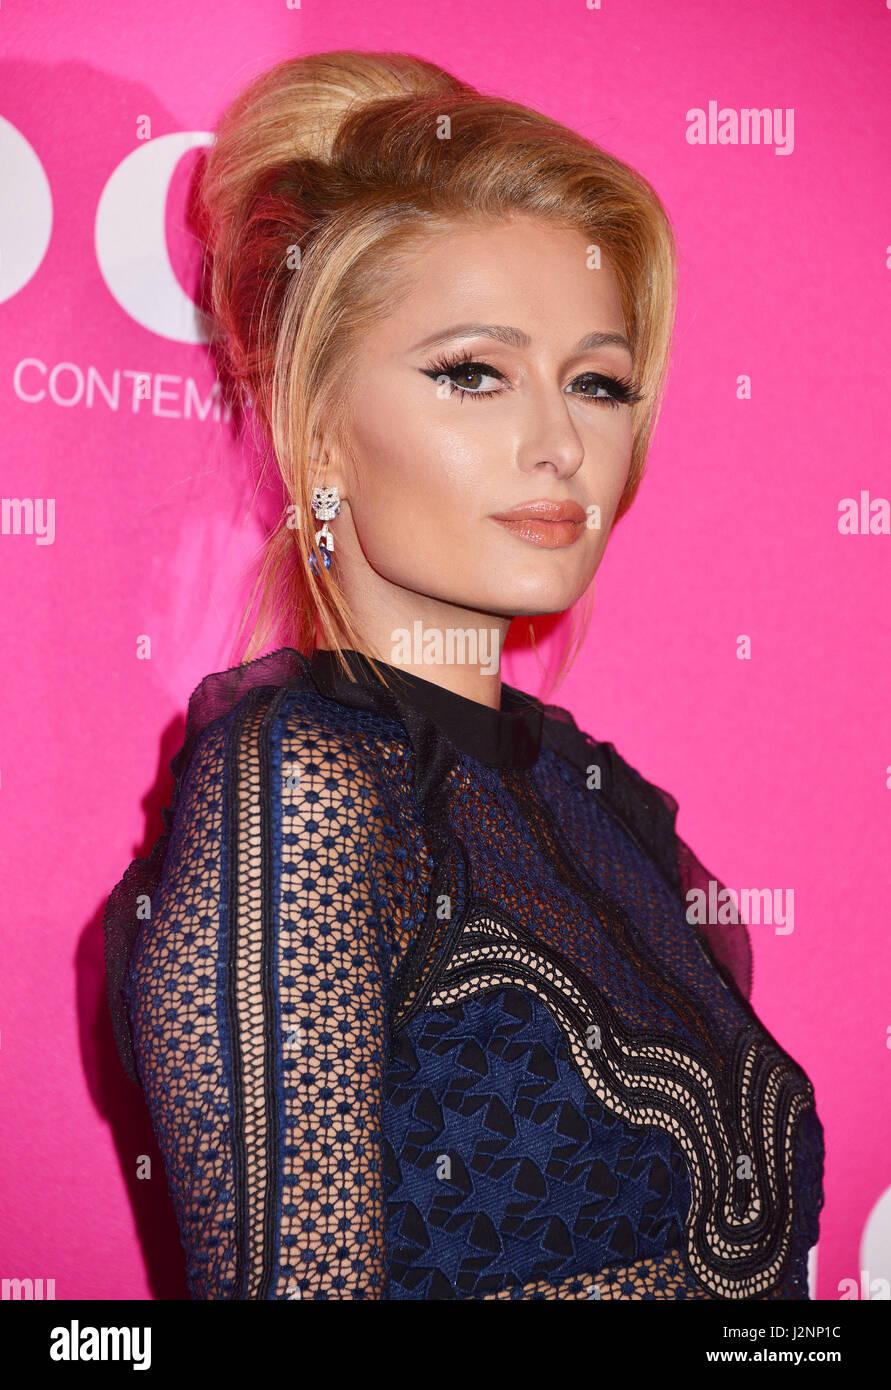 Los Angeles, California, EEUU. 29 abr, 2017. Paris Hilton 67 llegando al 2017 Moca Gala en Tel Contemporáneo Imagen De Stock